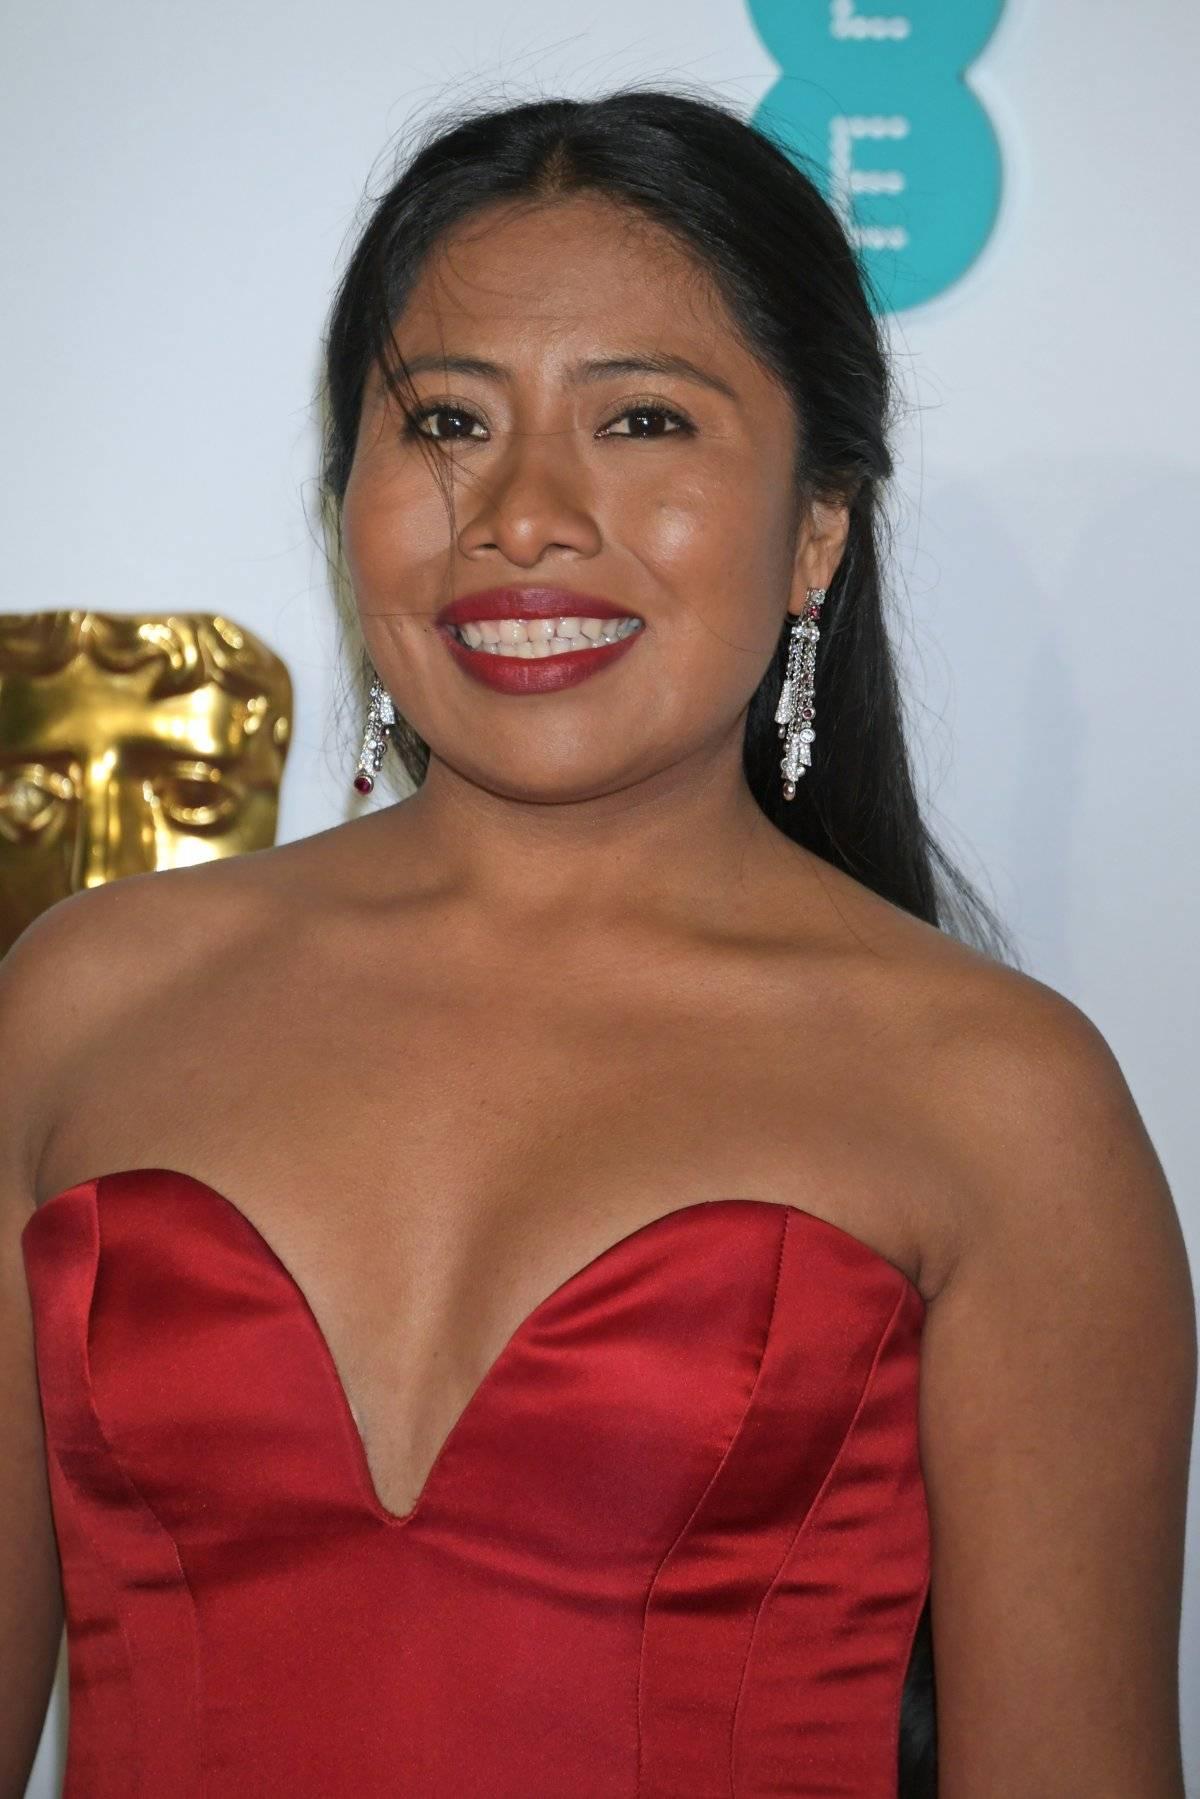 Alexsandro Palombo convirtió a Yalitza Aparicio en un personaje de Los Simpson Getty Images